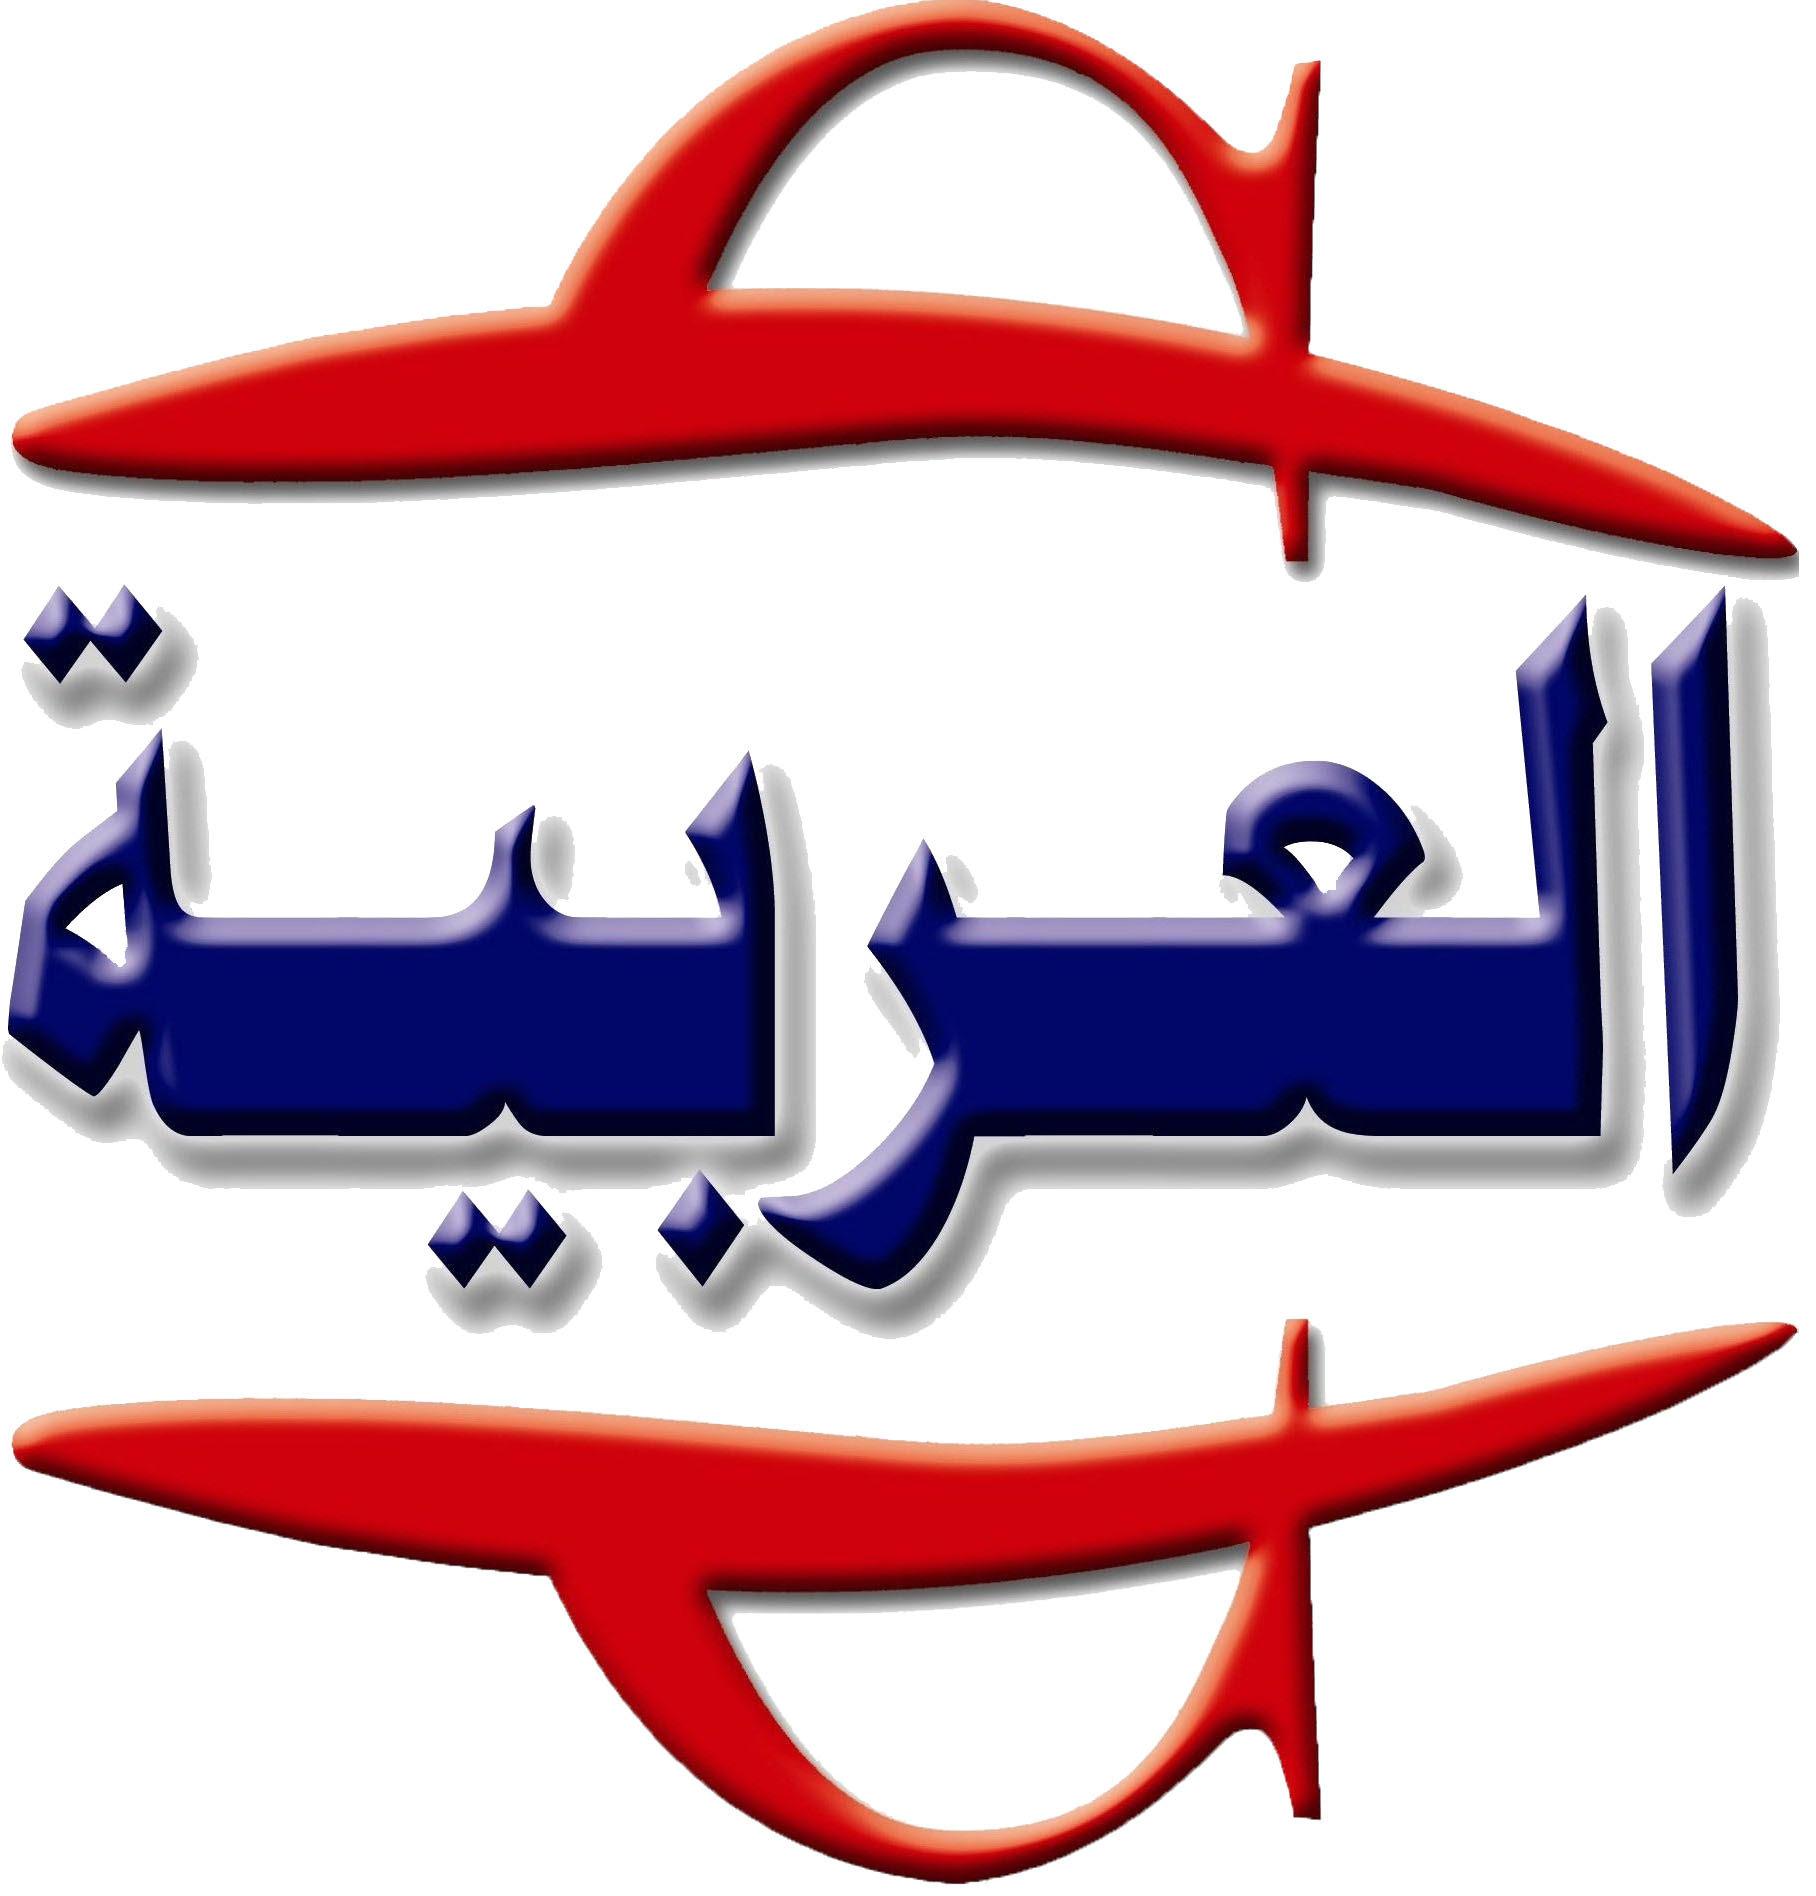 لوجو الشركة العربية